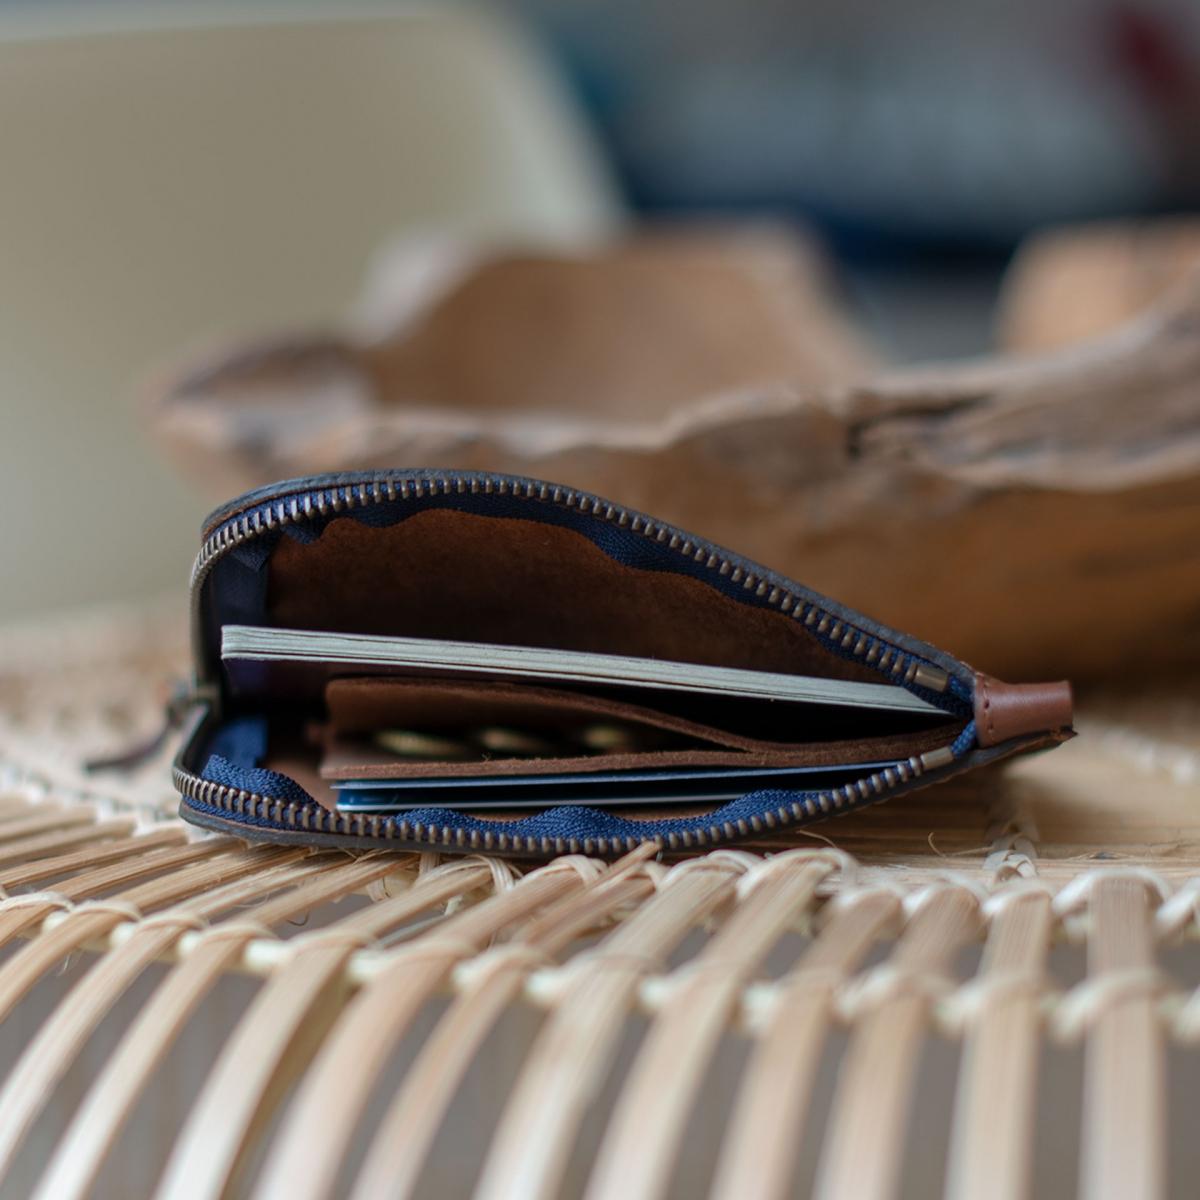 Daron zippered purse / XL - Cuba Libre (image n°6)